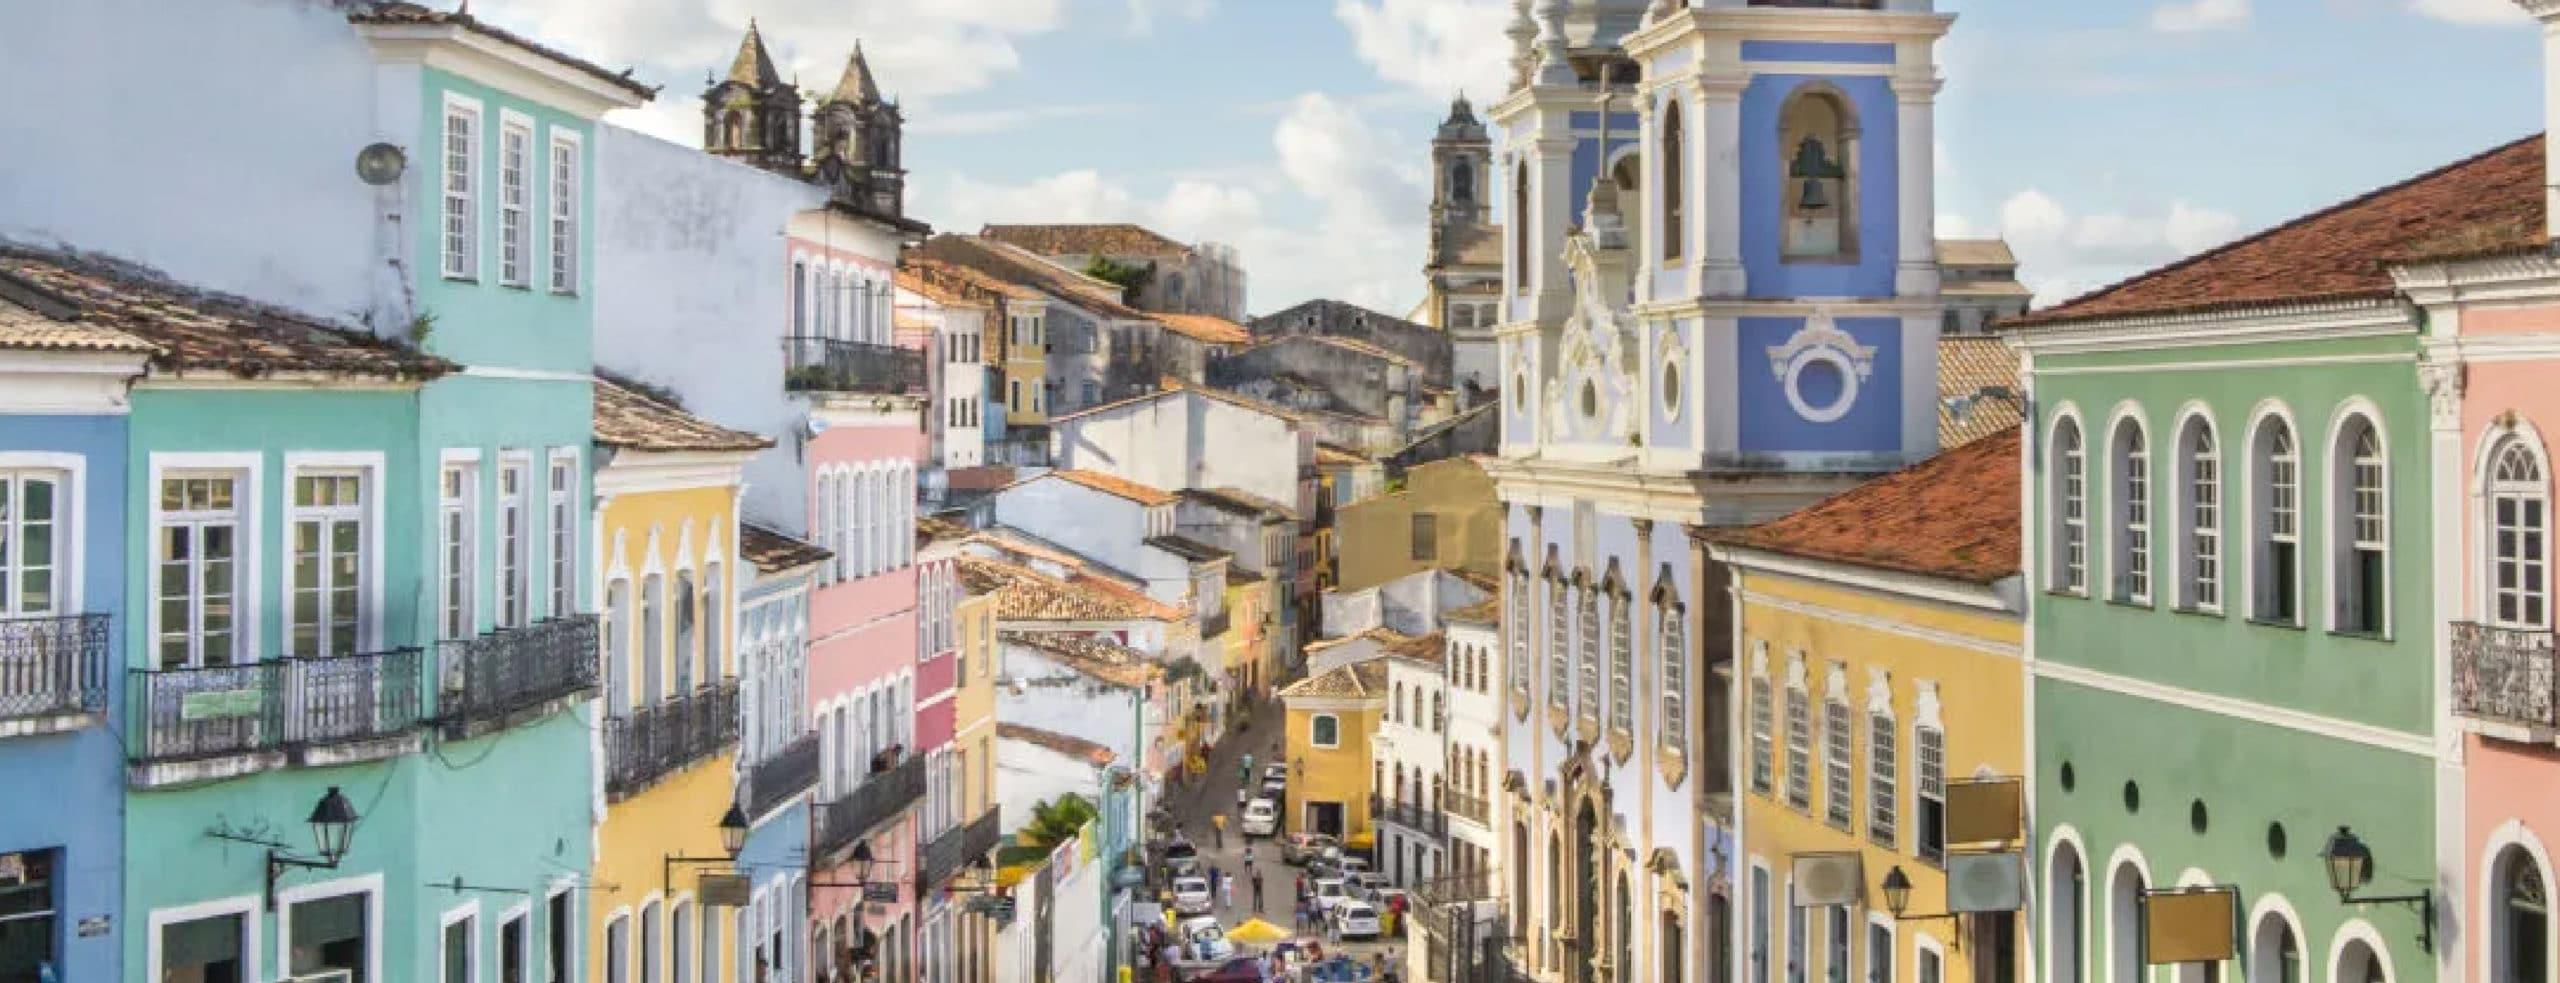 Pelourinho - Salvador de Bahia - RipioTurismo DMC for Brazil